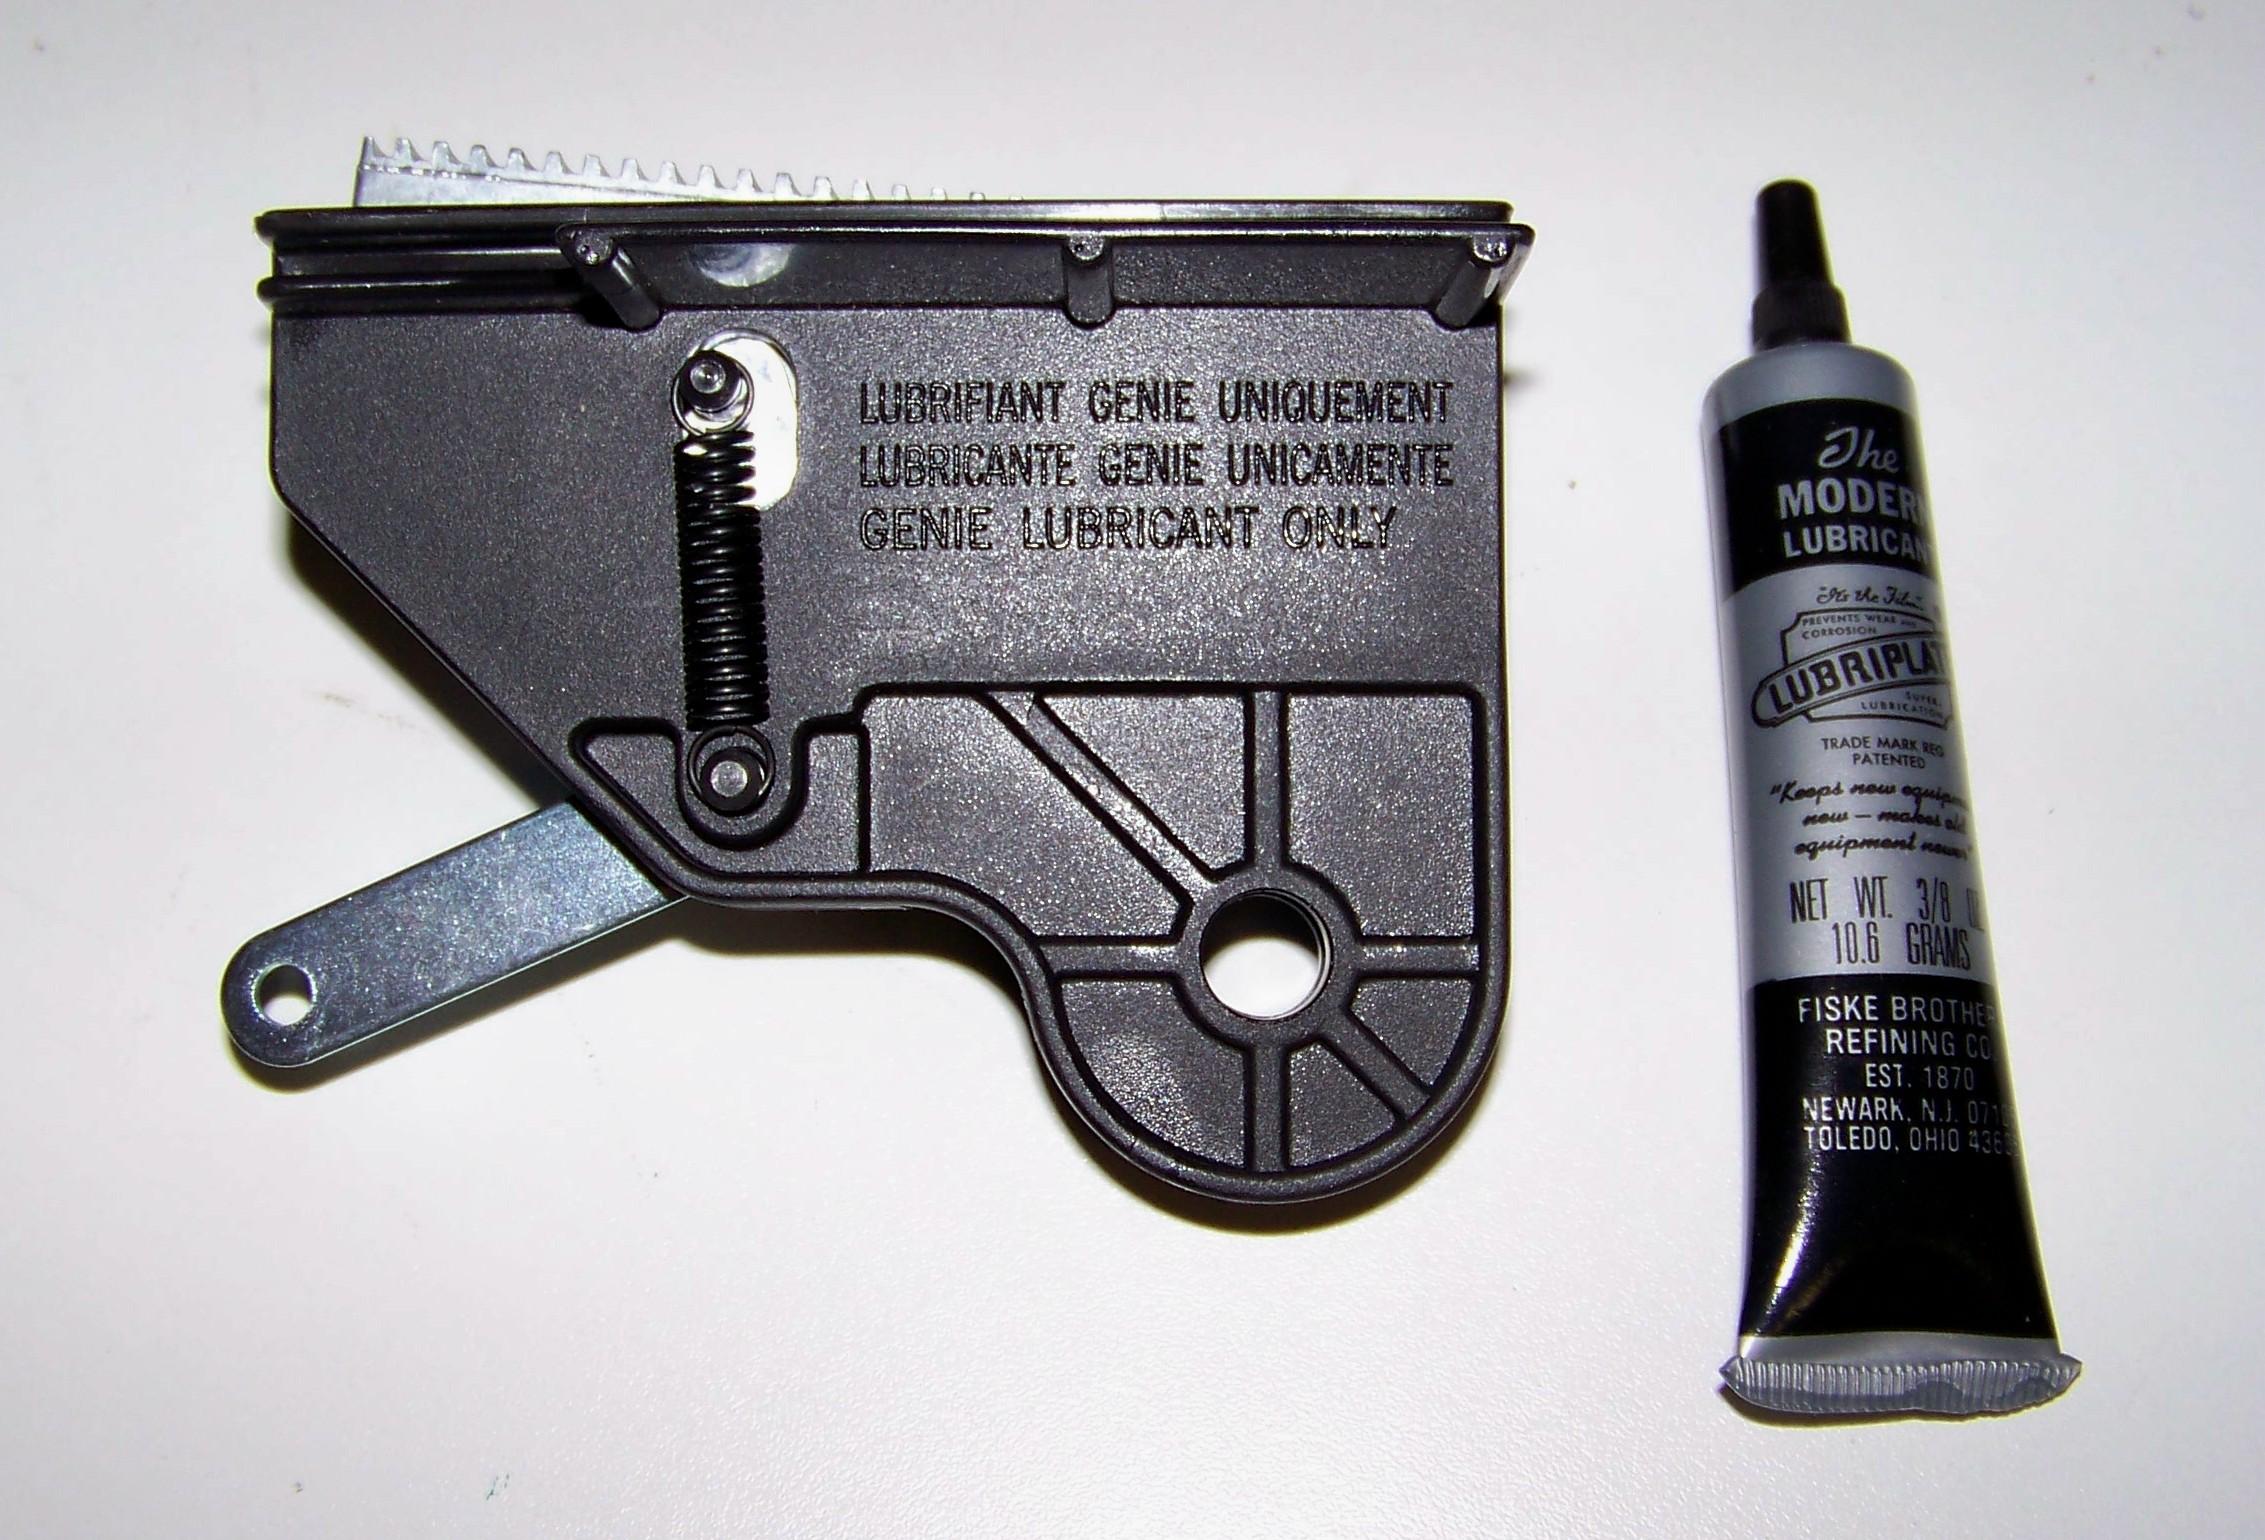 Genie Screw Drive Carriage 36179r 34107r